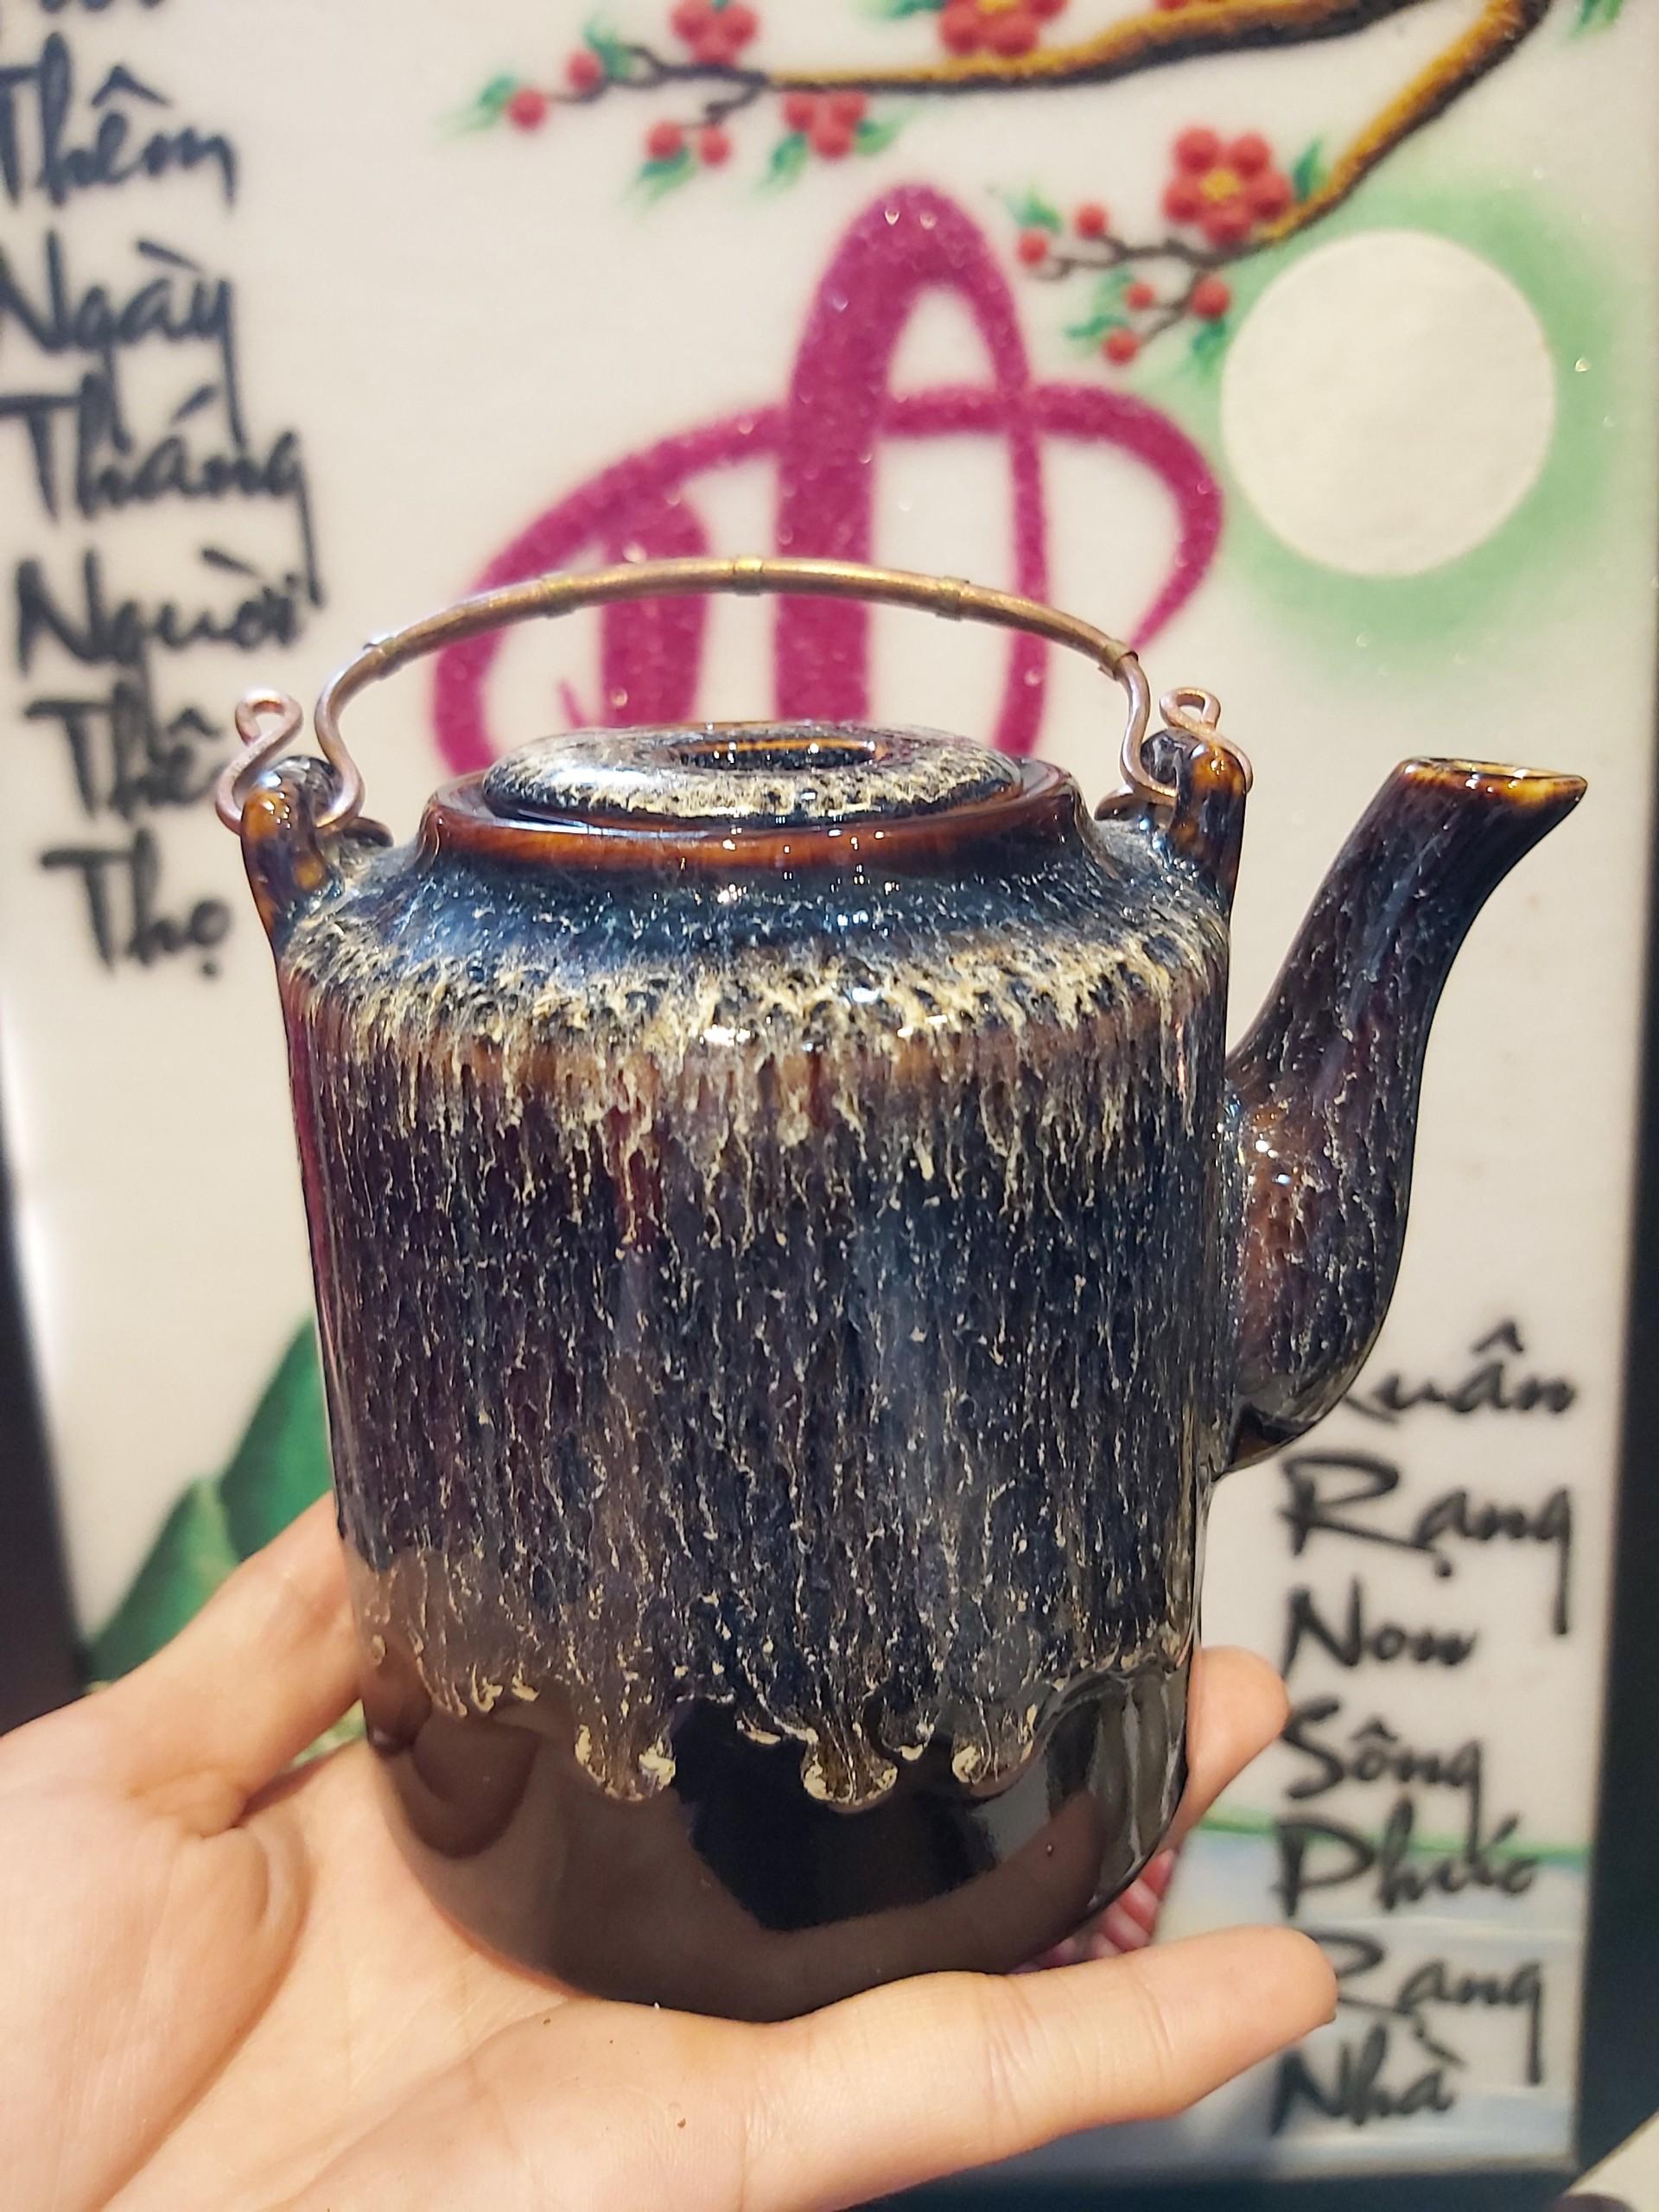 Bộ Bình trà ấm tích chén đĩa Bát Tràng men bóng hỏa biến nhị ẩm  MNV-TS565